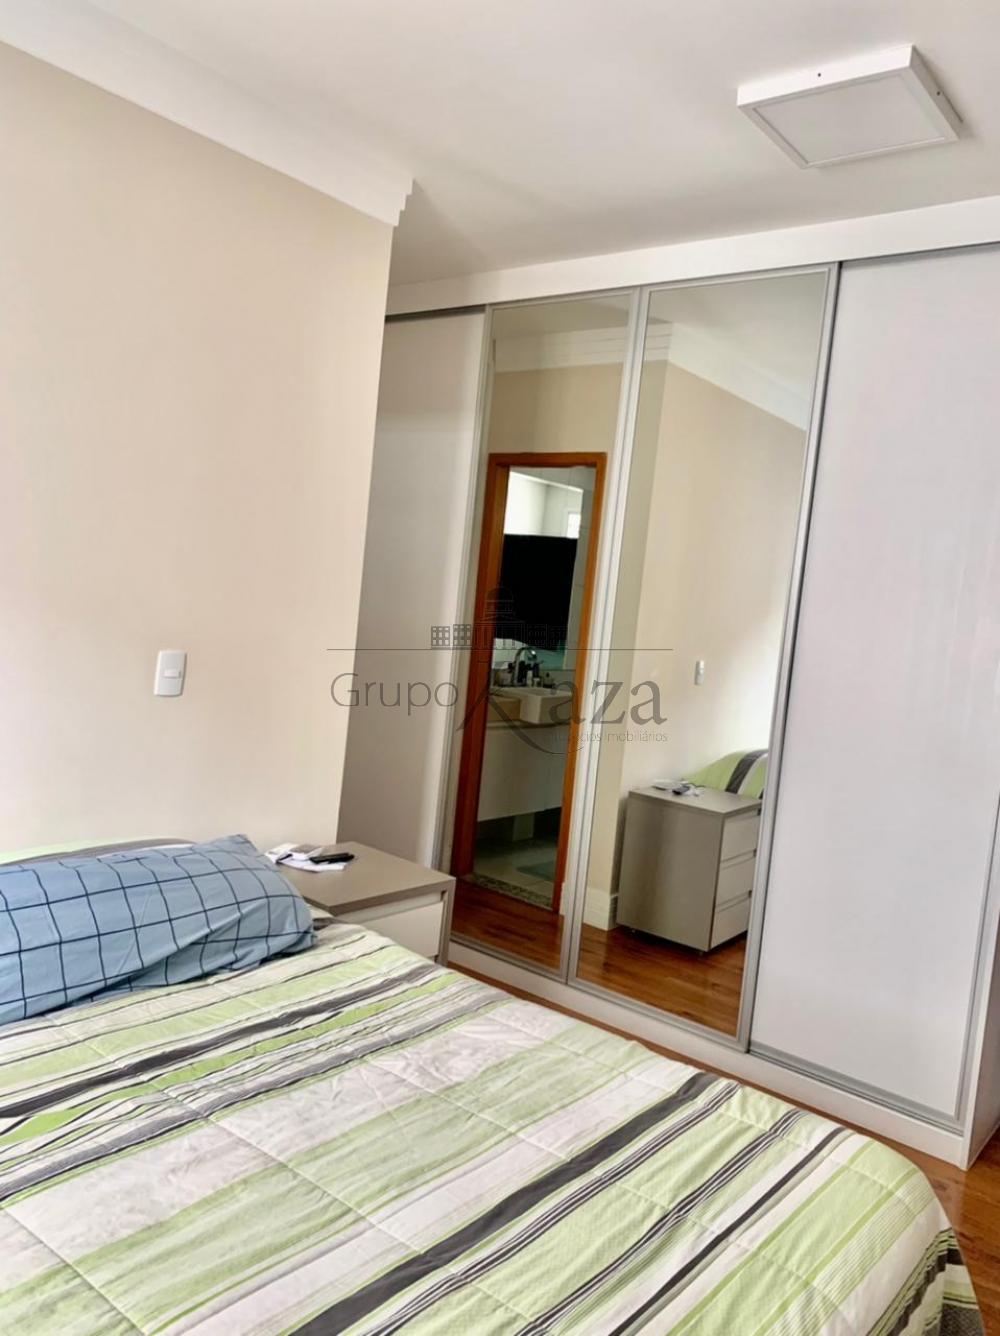 alt='Comprar Apartamento / Padrão em São José dos Campos R$ 855.000,00 - Foto 10' title='Comprar Apartamento / Padrão em São José dos Campos R$ 855.000,00 - Foto 10'